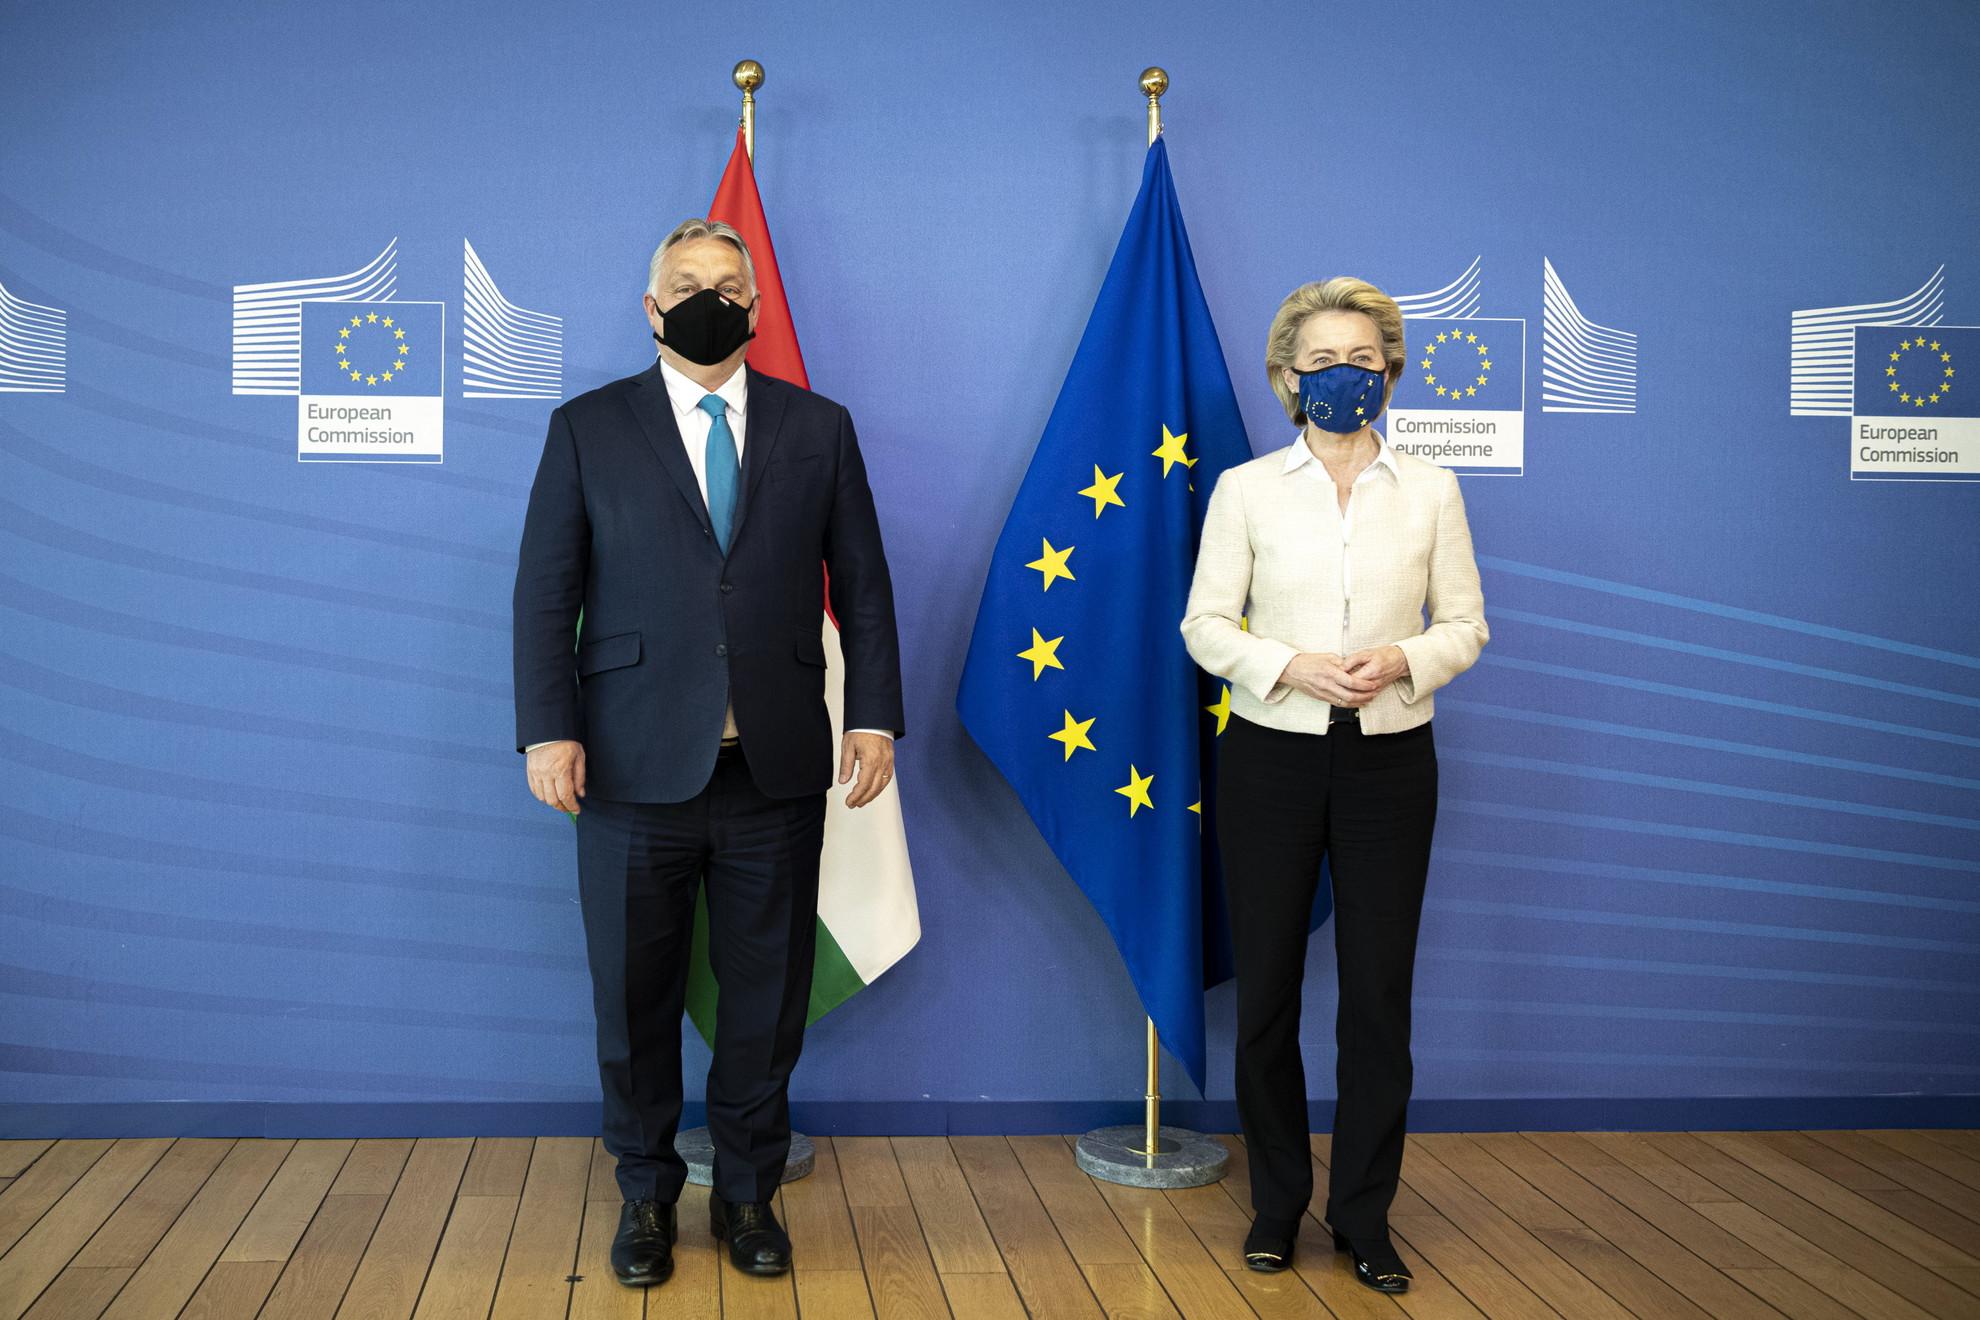 Orbán Viktor miniszterelnök (b) és Ursula von der Leyen, az Európai Bizottság elnökének (j) találkozója a bizottság épületében Brüsszelben 2021. április 23-án